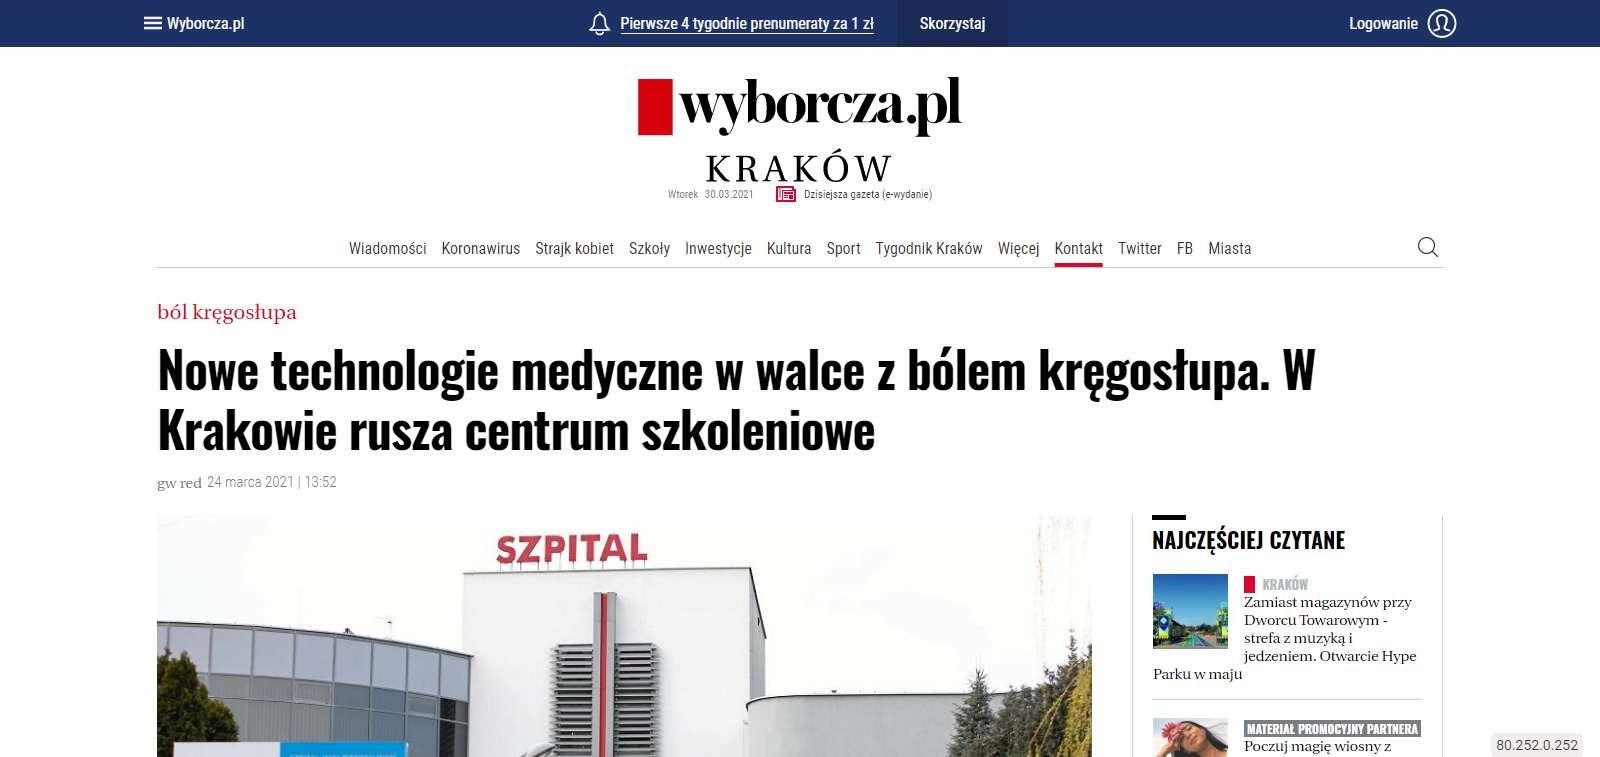 nowe technologie medyczne w walce z bolem kregoslupa w krakowie rusza centrum szkoleniowe